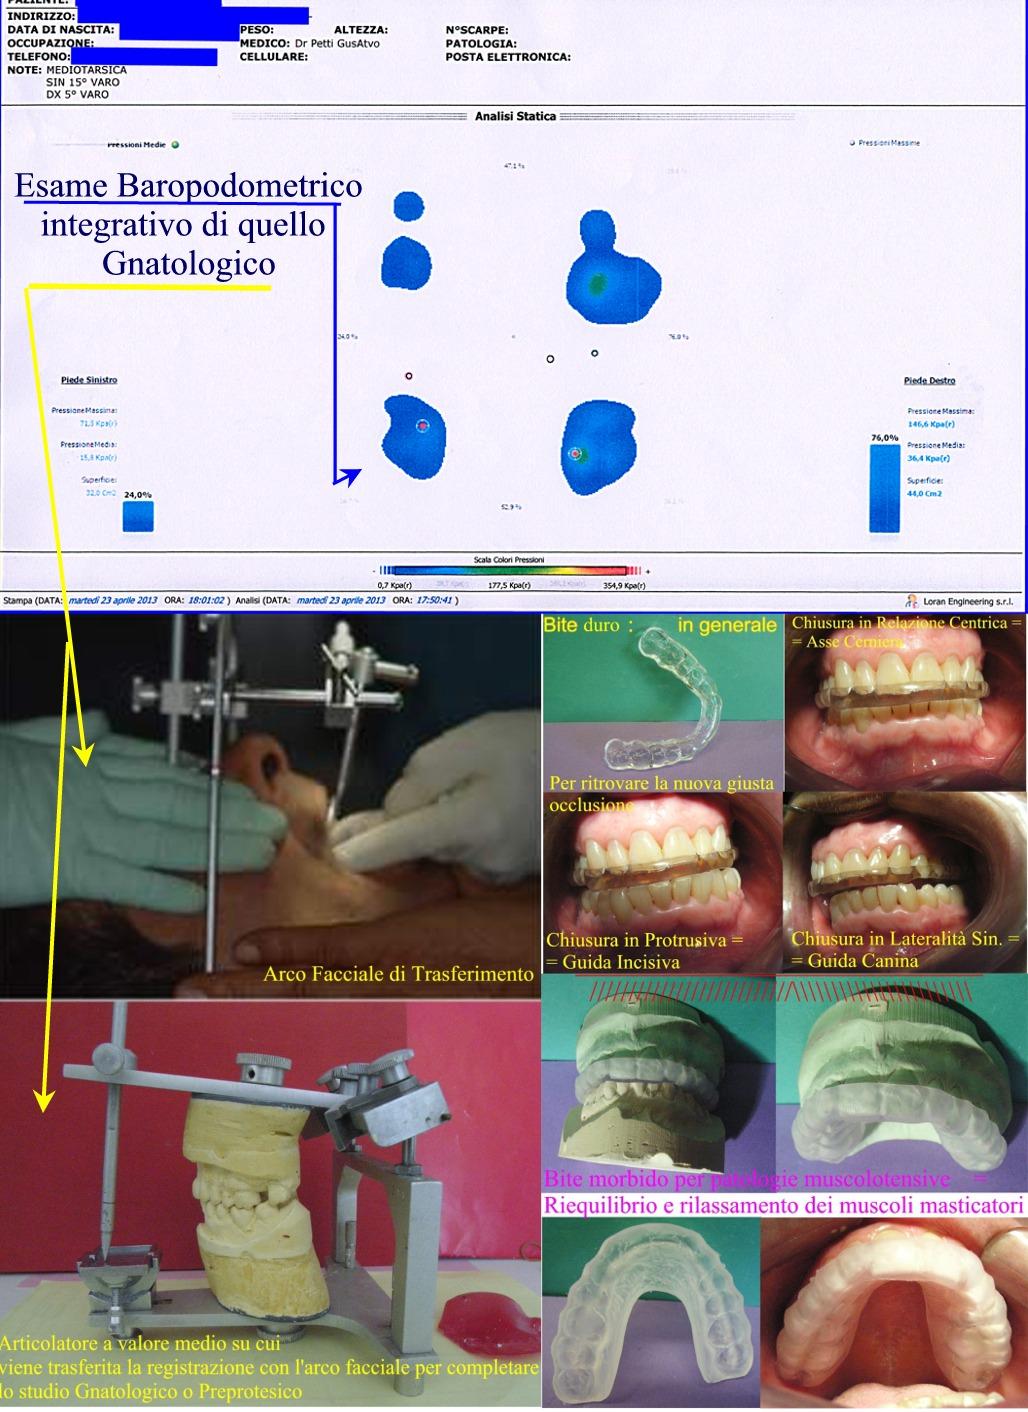 Arco Facciale di Trasferimento e vari tipi di bite e analisi stabilometrica computerizzata come brevi esempi di studio Gnatologico. Da casistica del Dr. Gustavo Petti Gnatologo Parodontologo di Cagliari